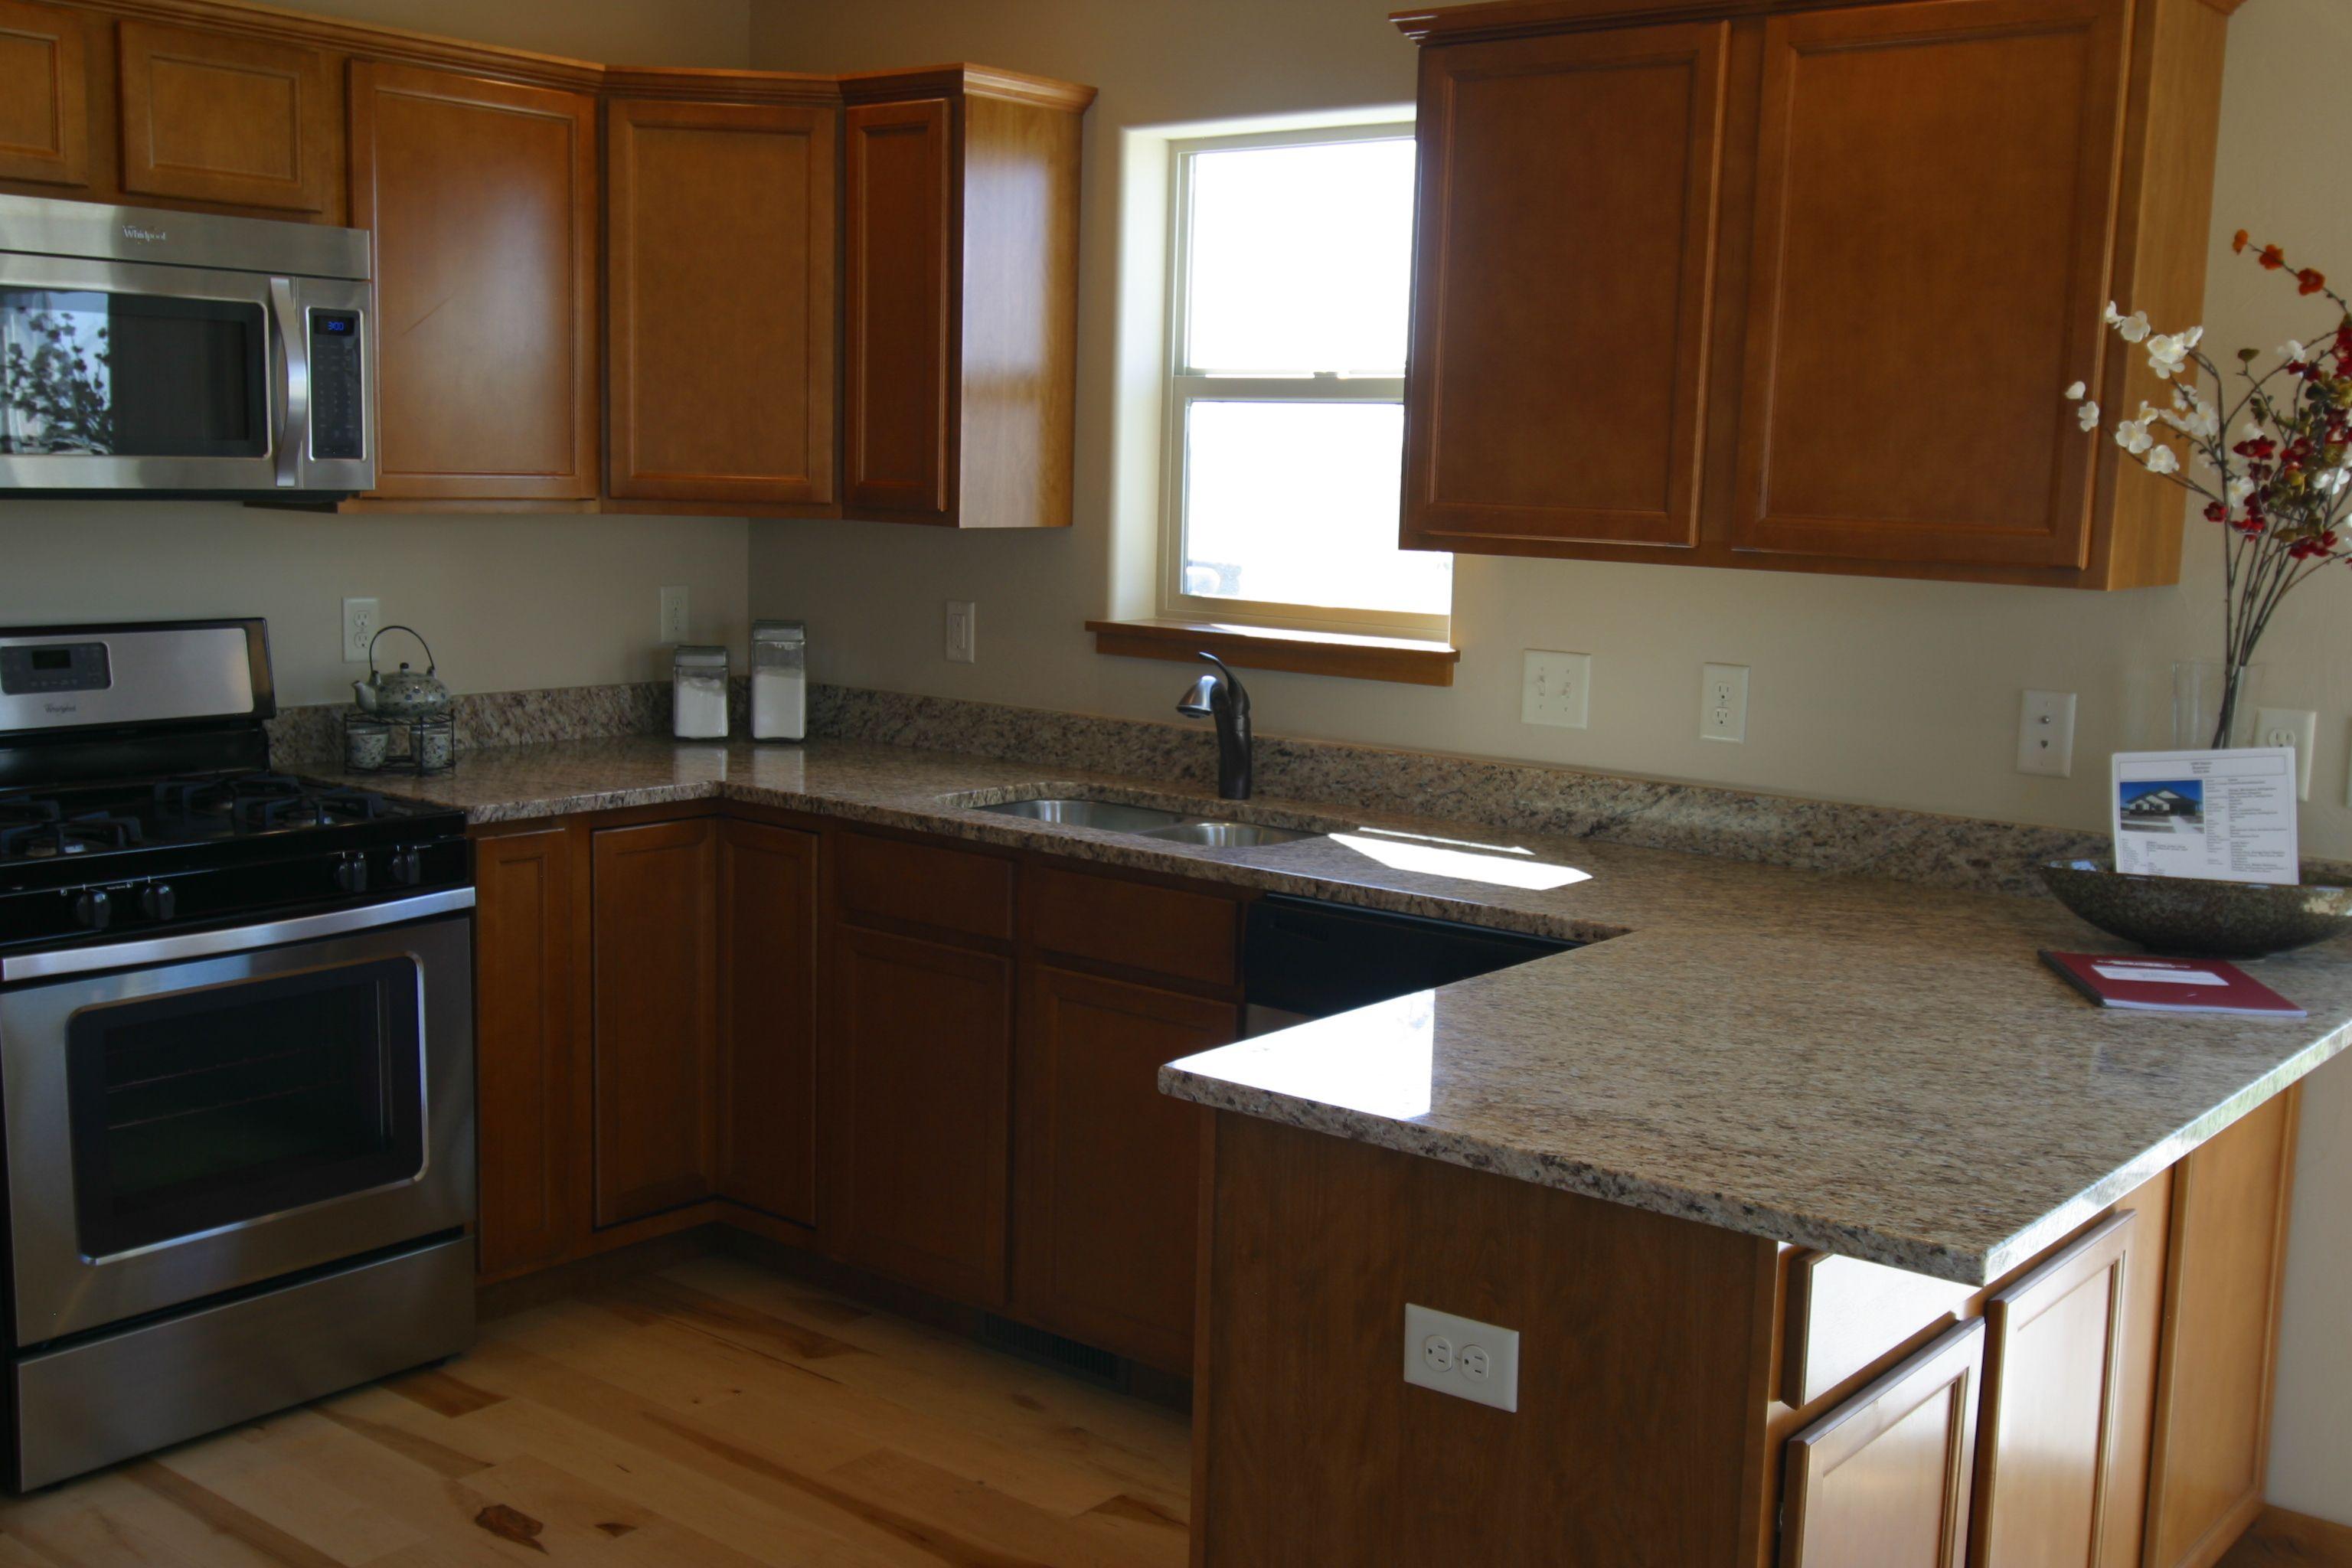 Clifton Kitchen Window Meyer Garrity Group Llc Kitchen Home